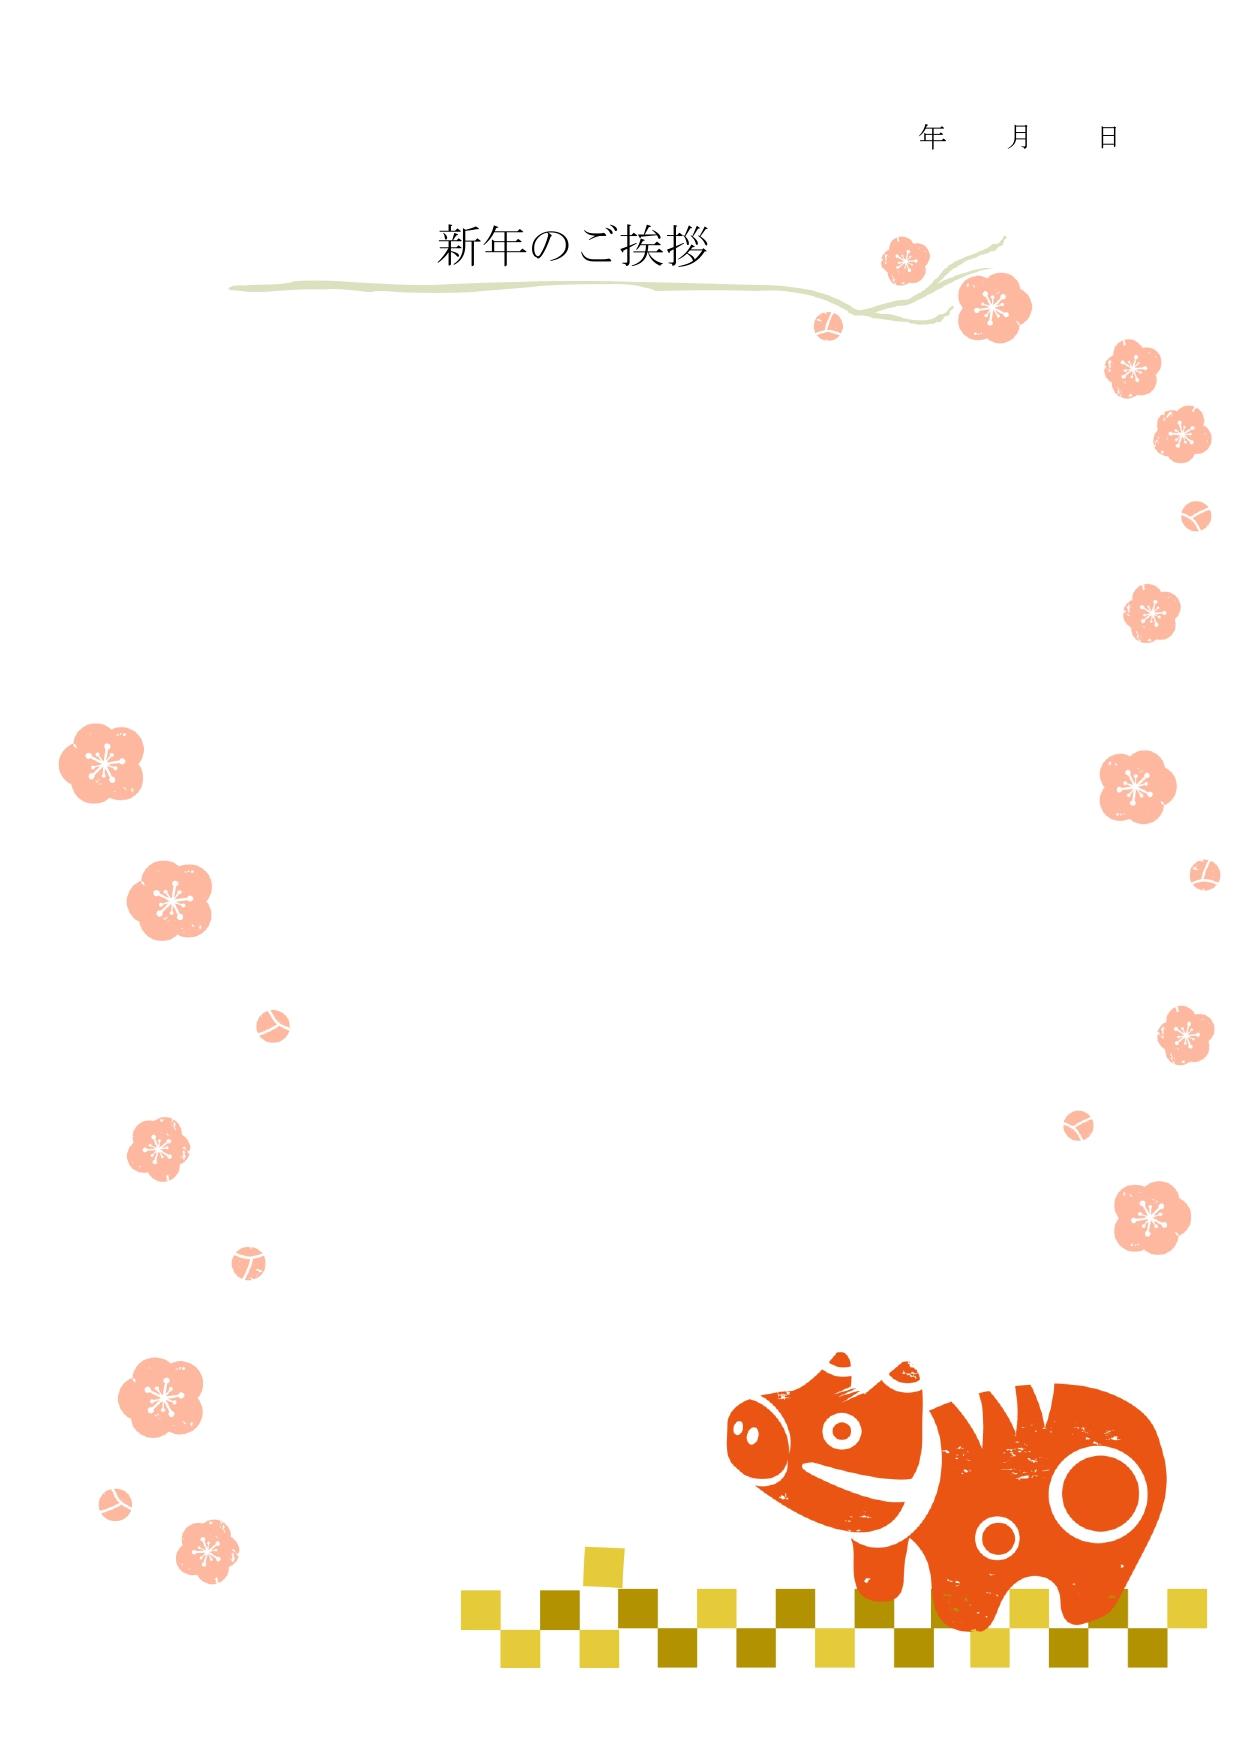 A4サイズ・新年の挨拶に使えるお知らせ&張り紙のテンプレート